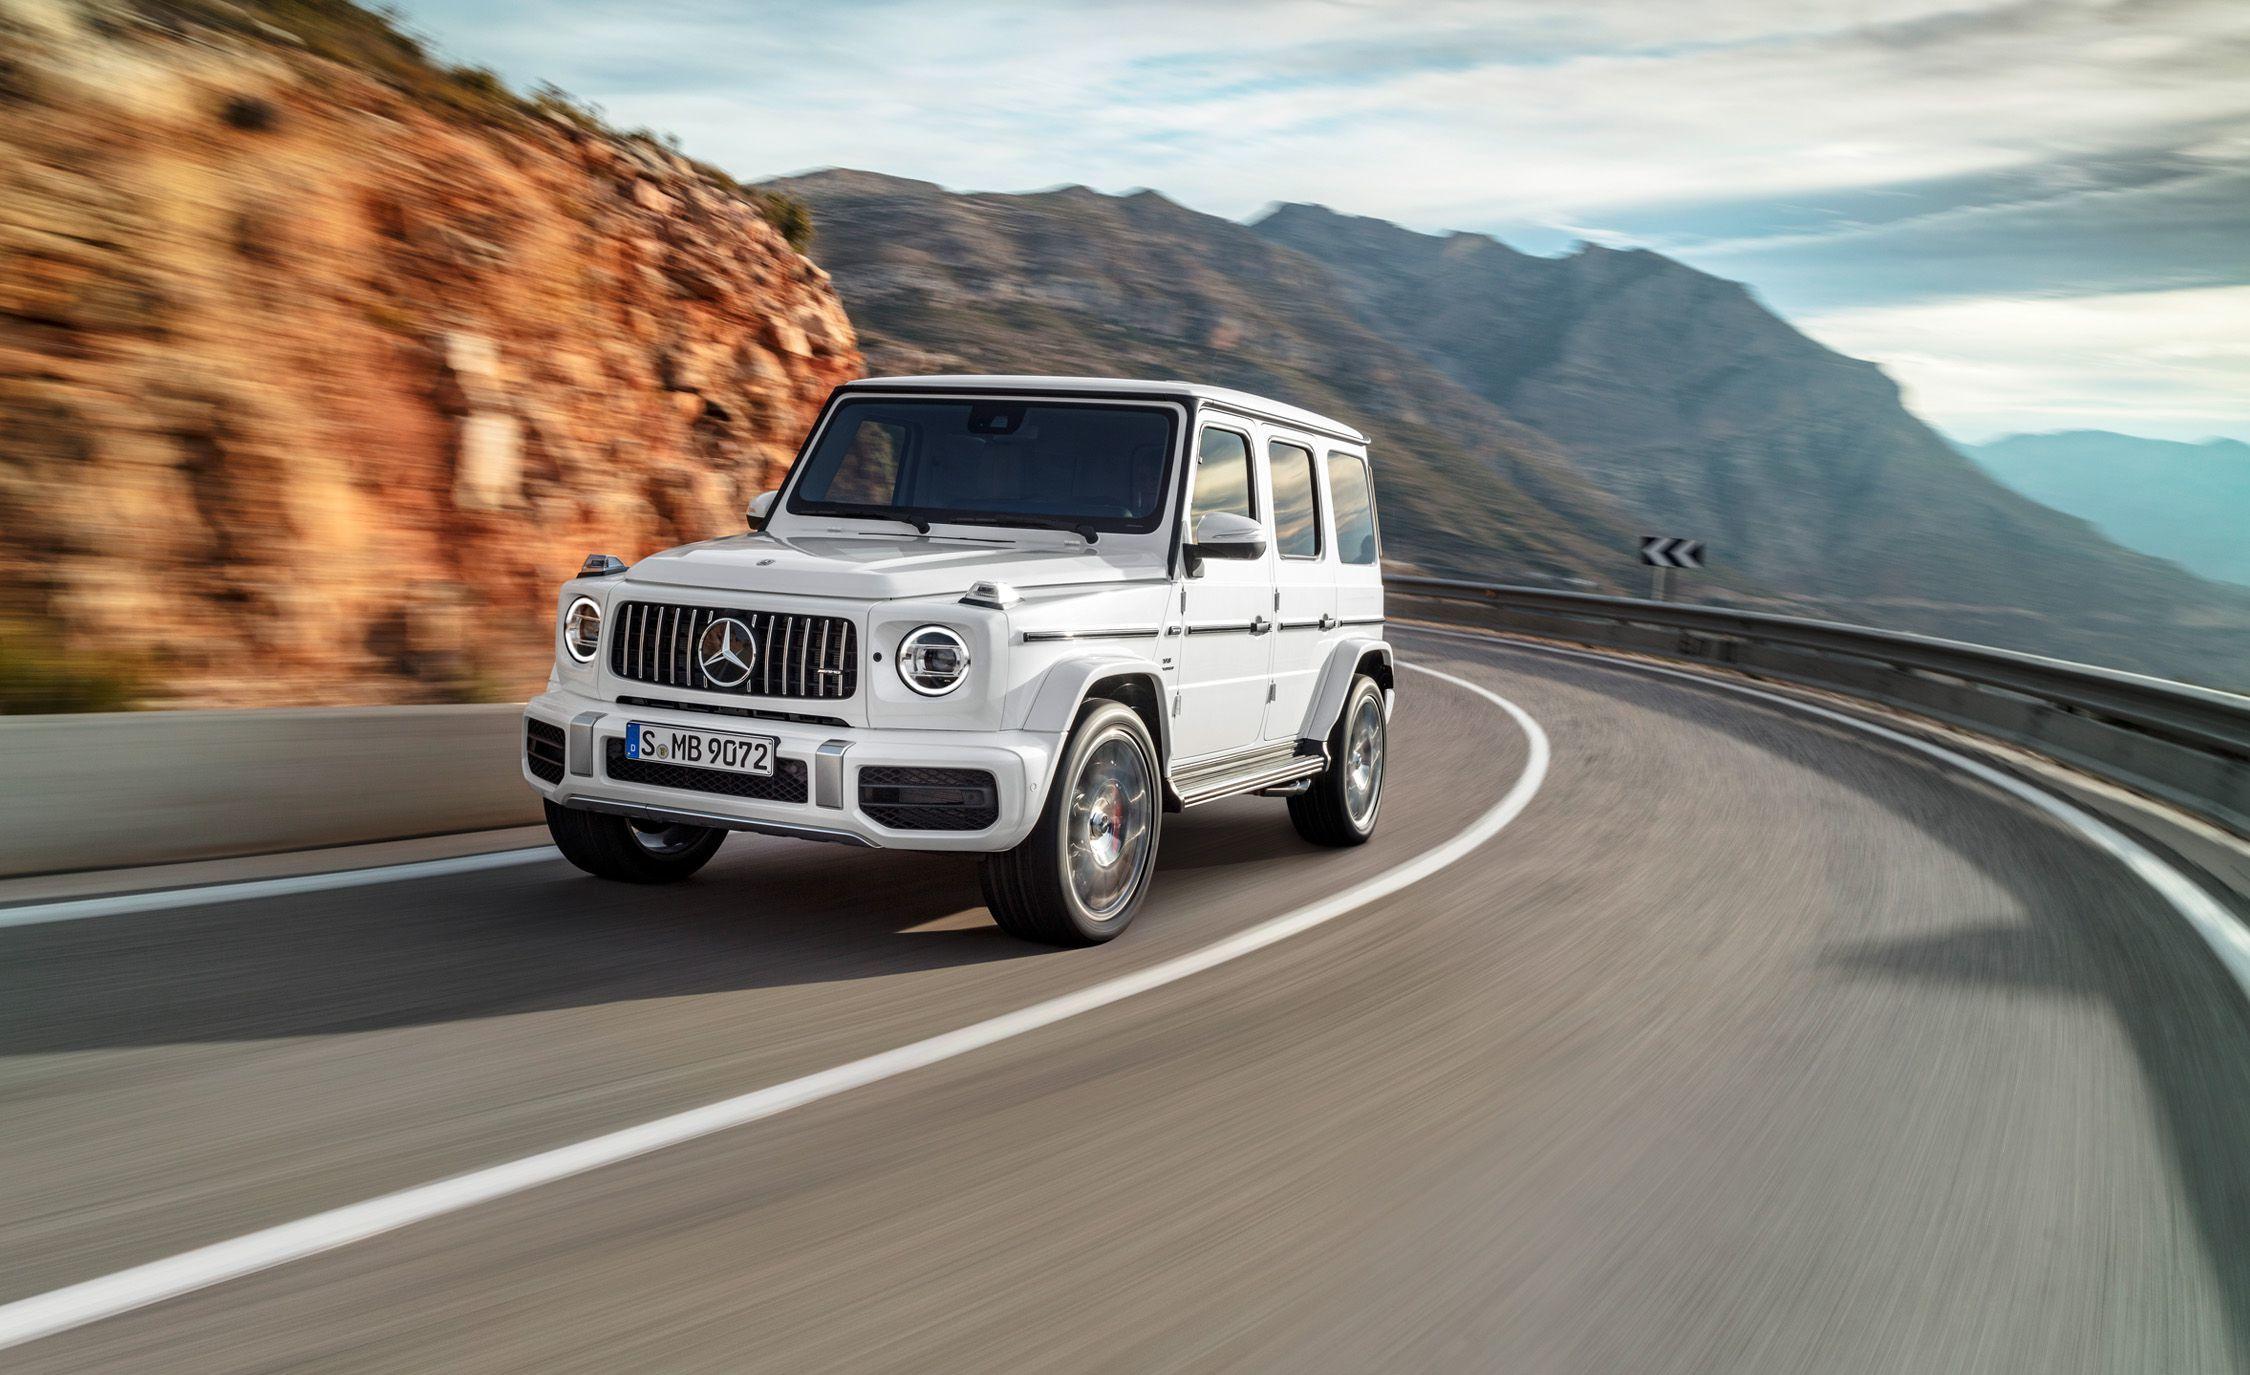 """Minh """"nhựa"""" (doanh nhân Phạm Trần Nhật Minh, Công ty Nhựa Long Thành) tiếp tục gây choáng cho cộng đồng mạng khi tiết lộ đang đặt mua chính hãng chiếc Mercedes-AMG G63 Edition 1"""